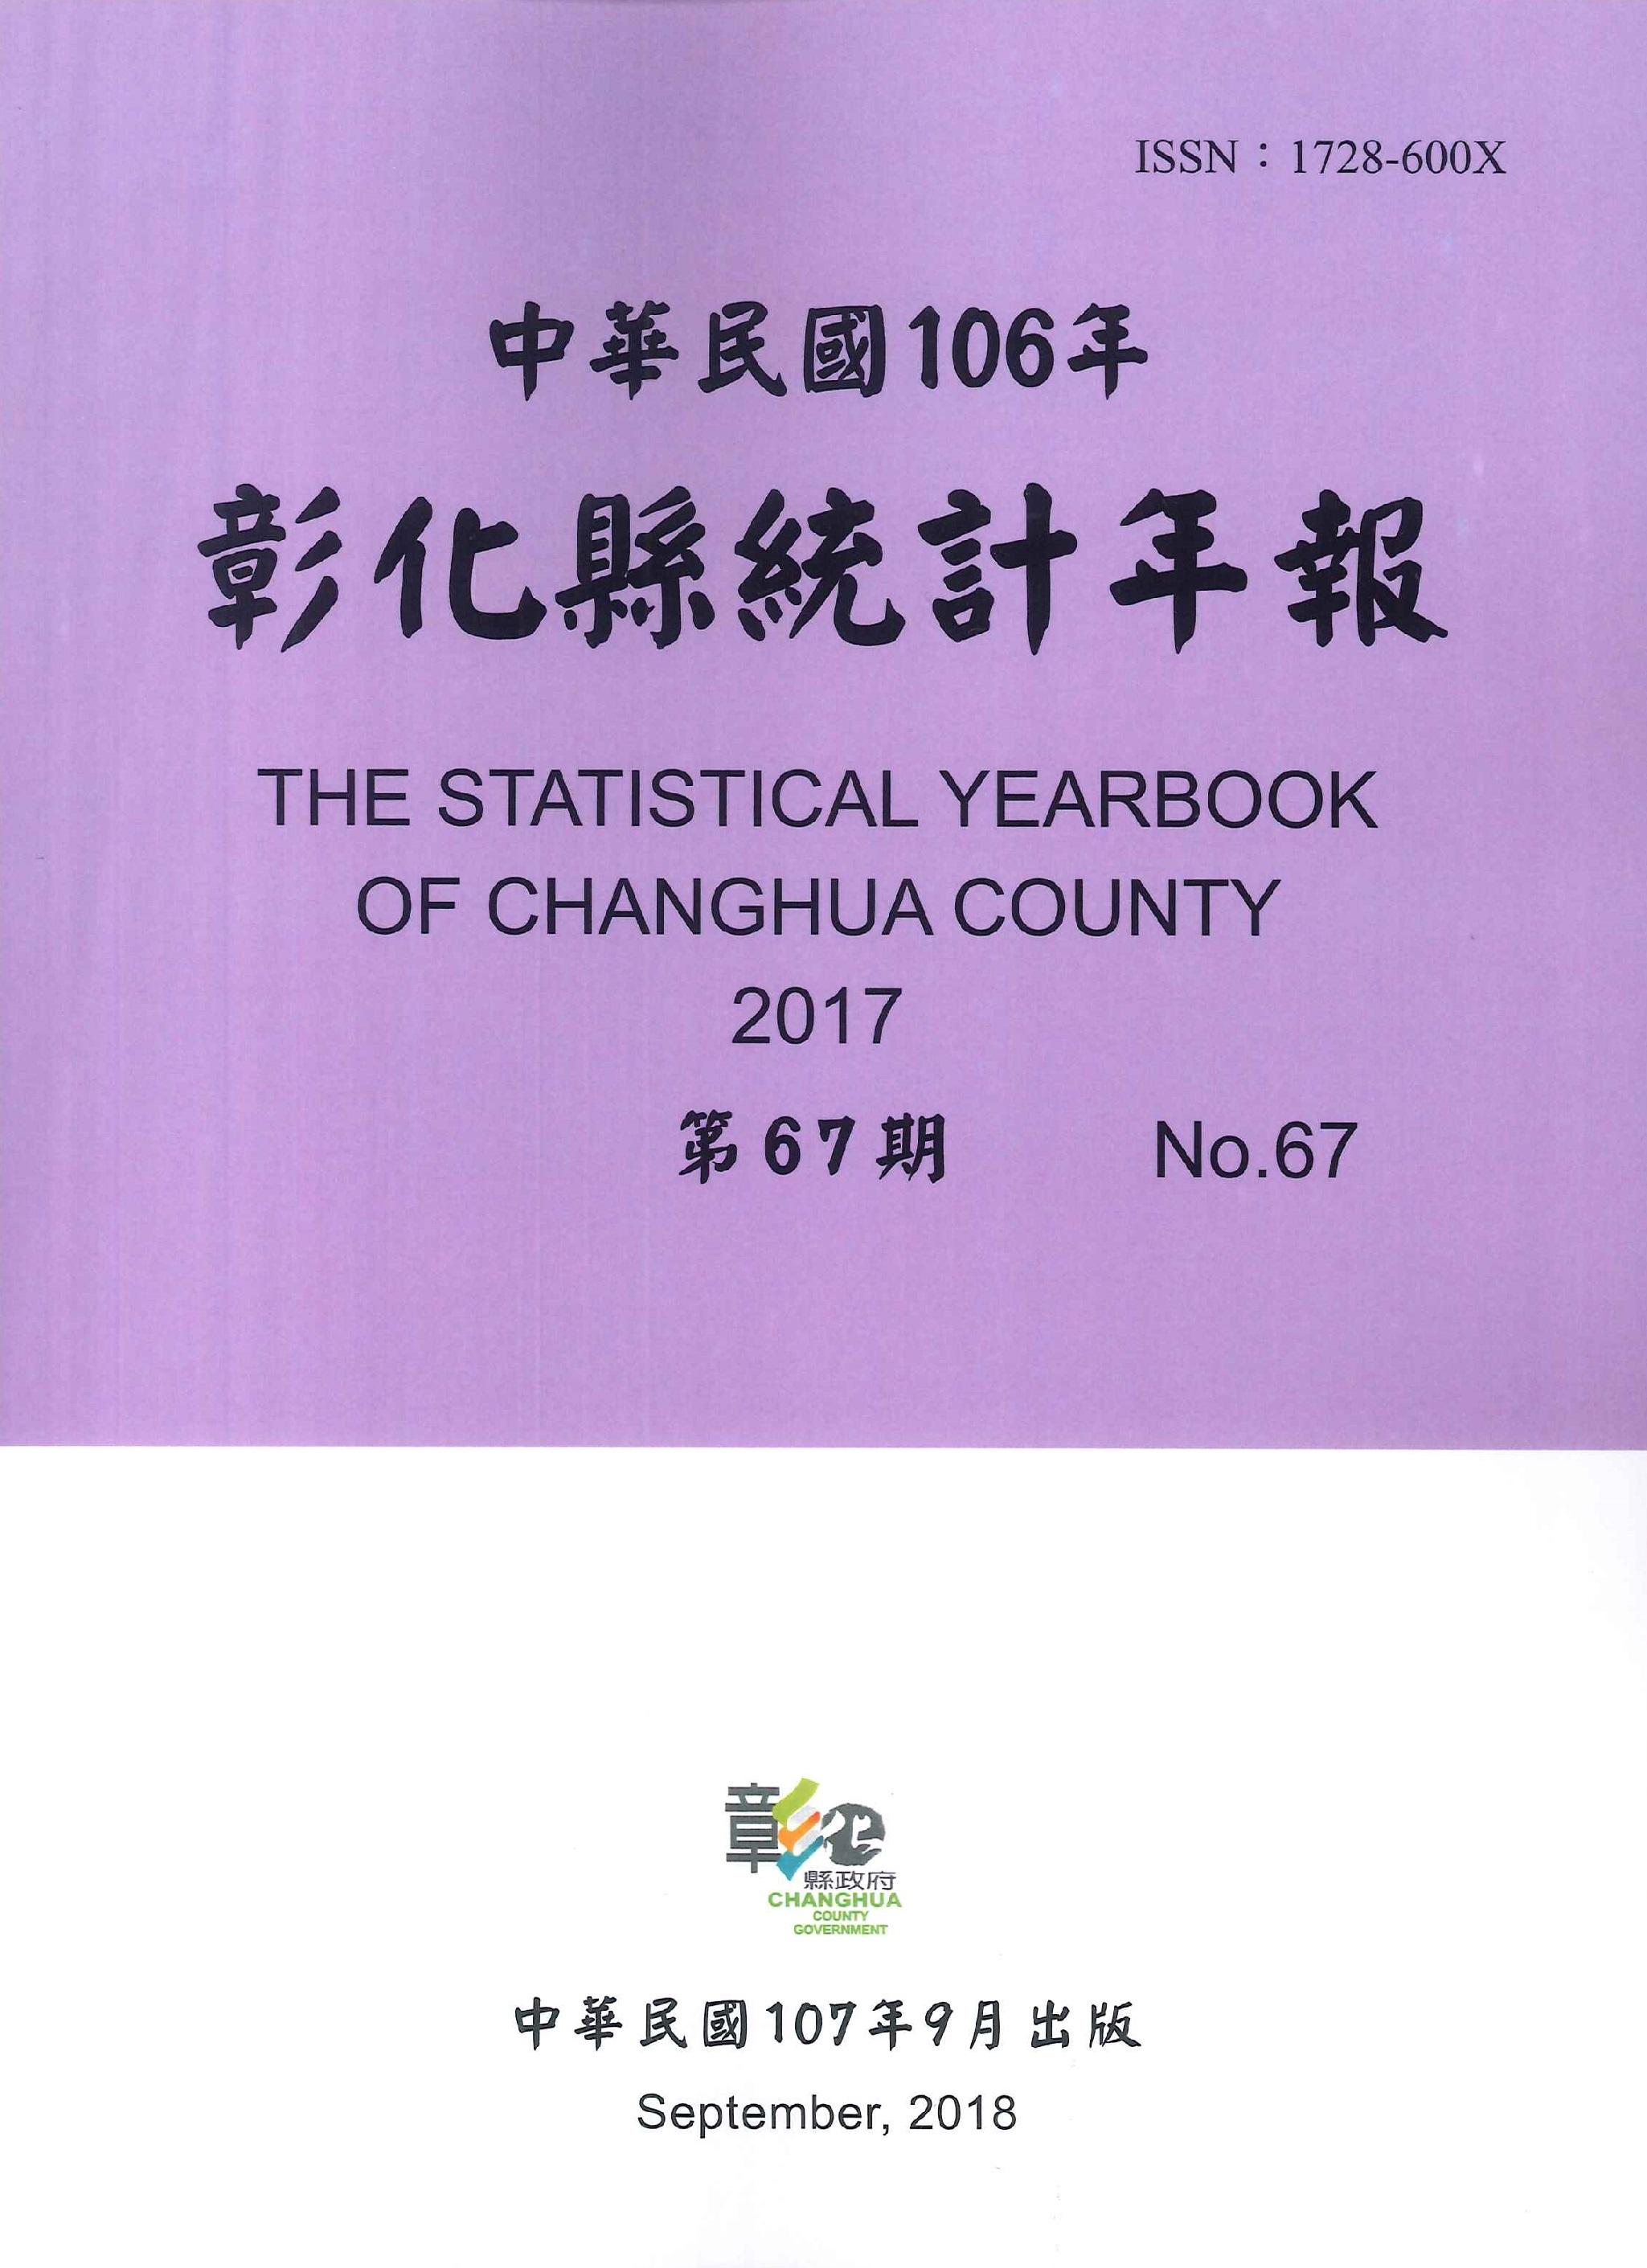 彰化縣統計年報.2017=The statistical yearbook of Changhua County